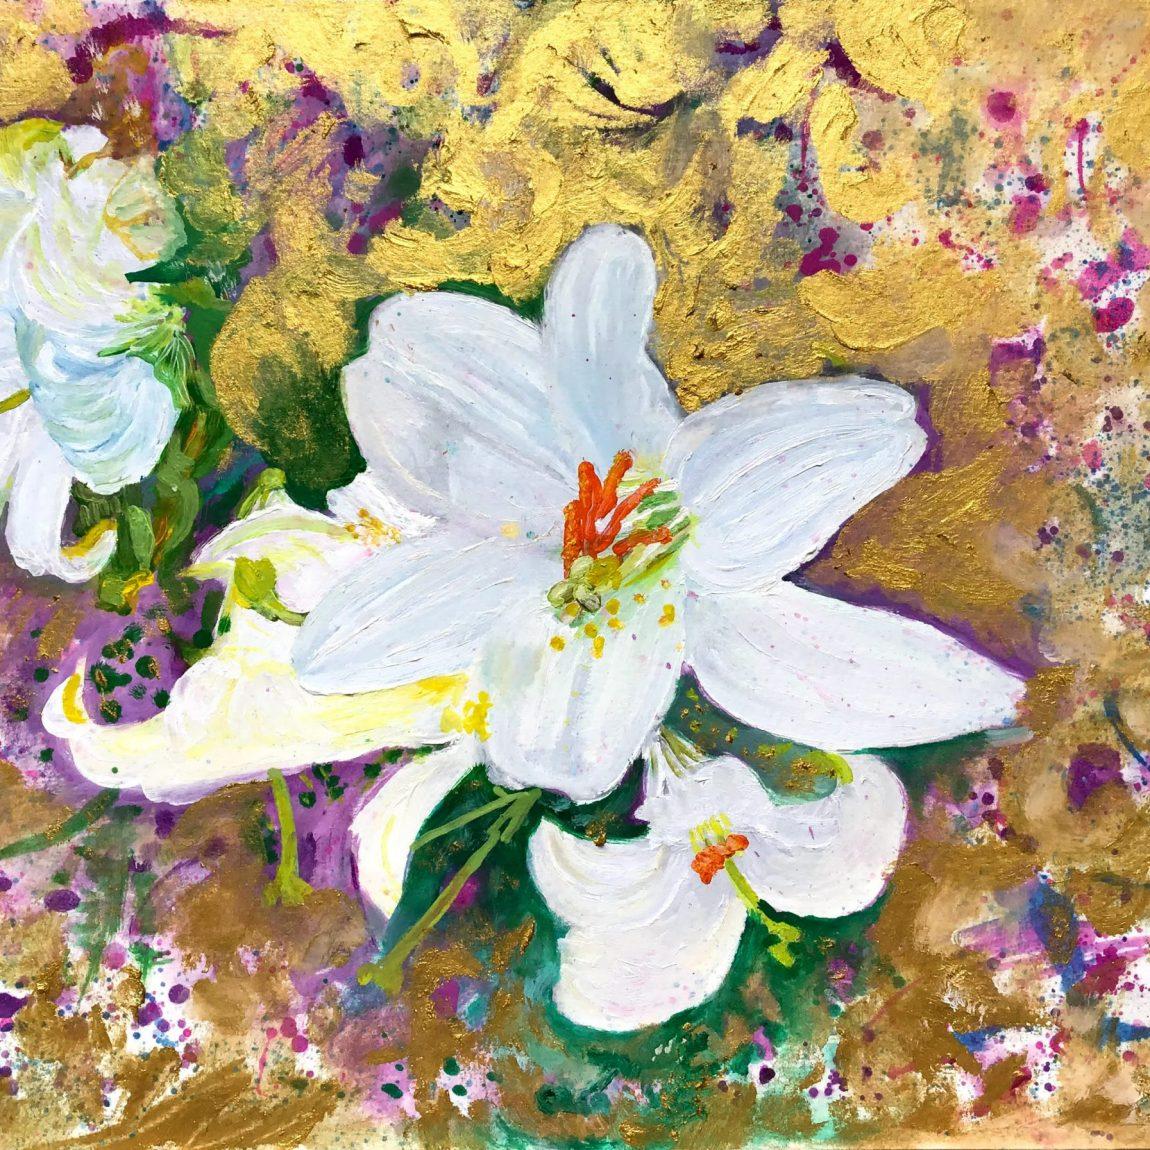 İpek Chi - Eser Adı :White Lillies - Teknik: Dokulu Kağıt Üzeri Yağlı Boya - Ölçü: 50 x 30 cm - Fiyat : 800 TL